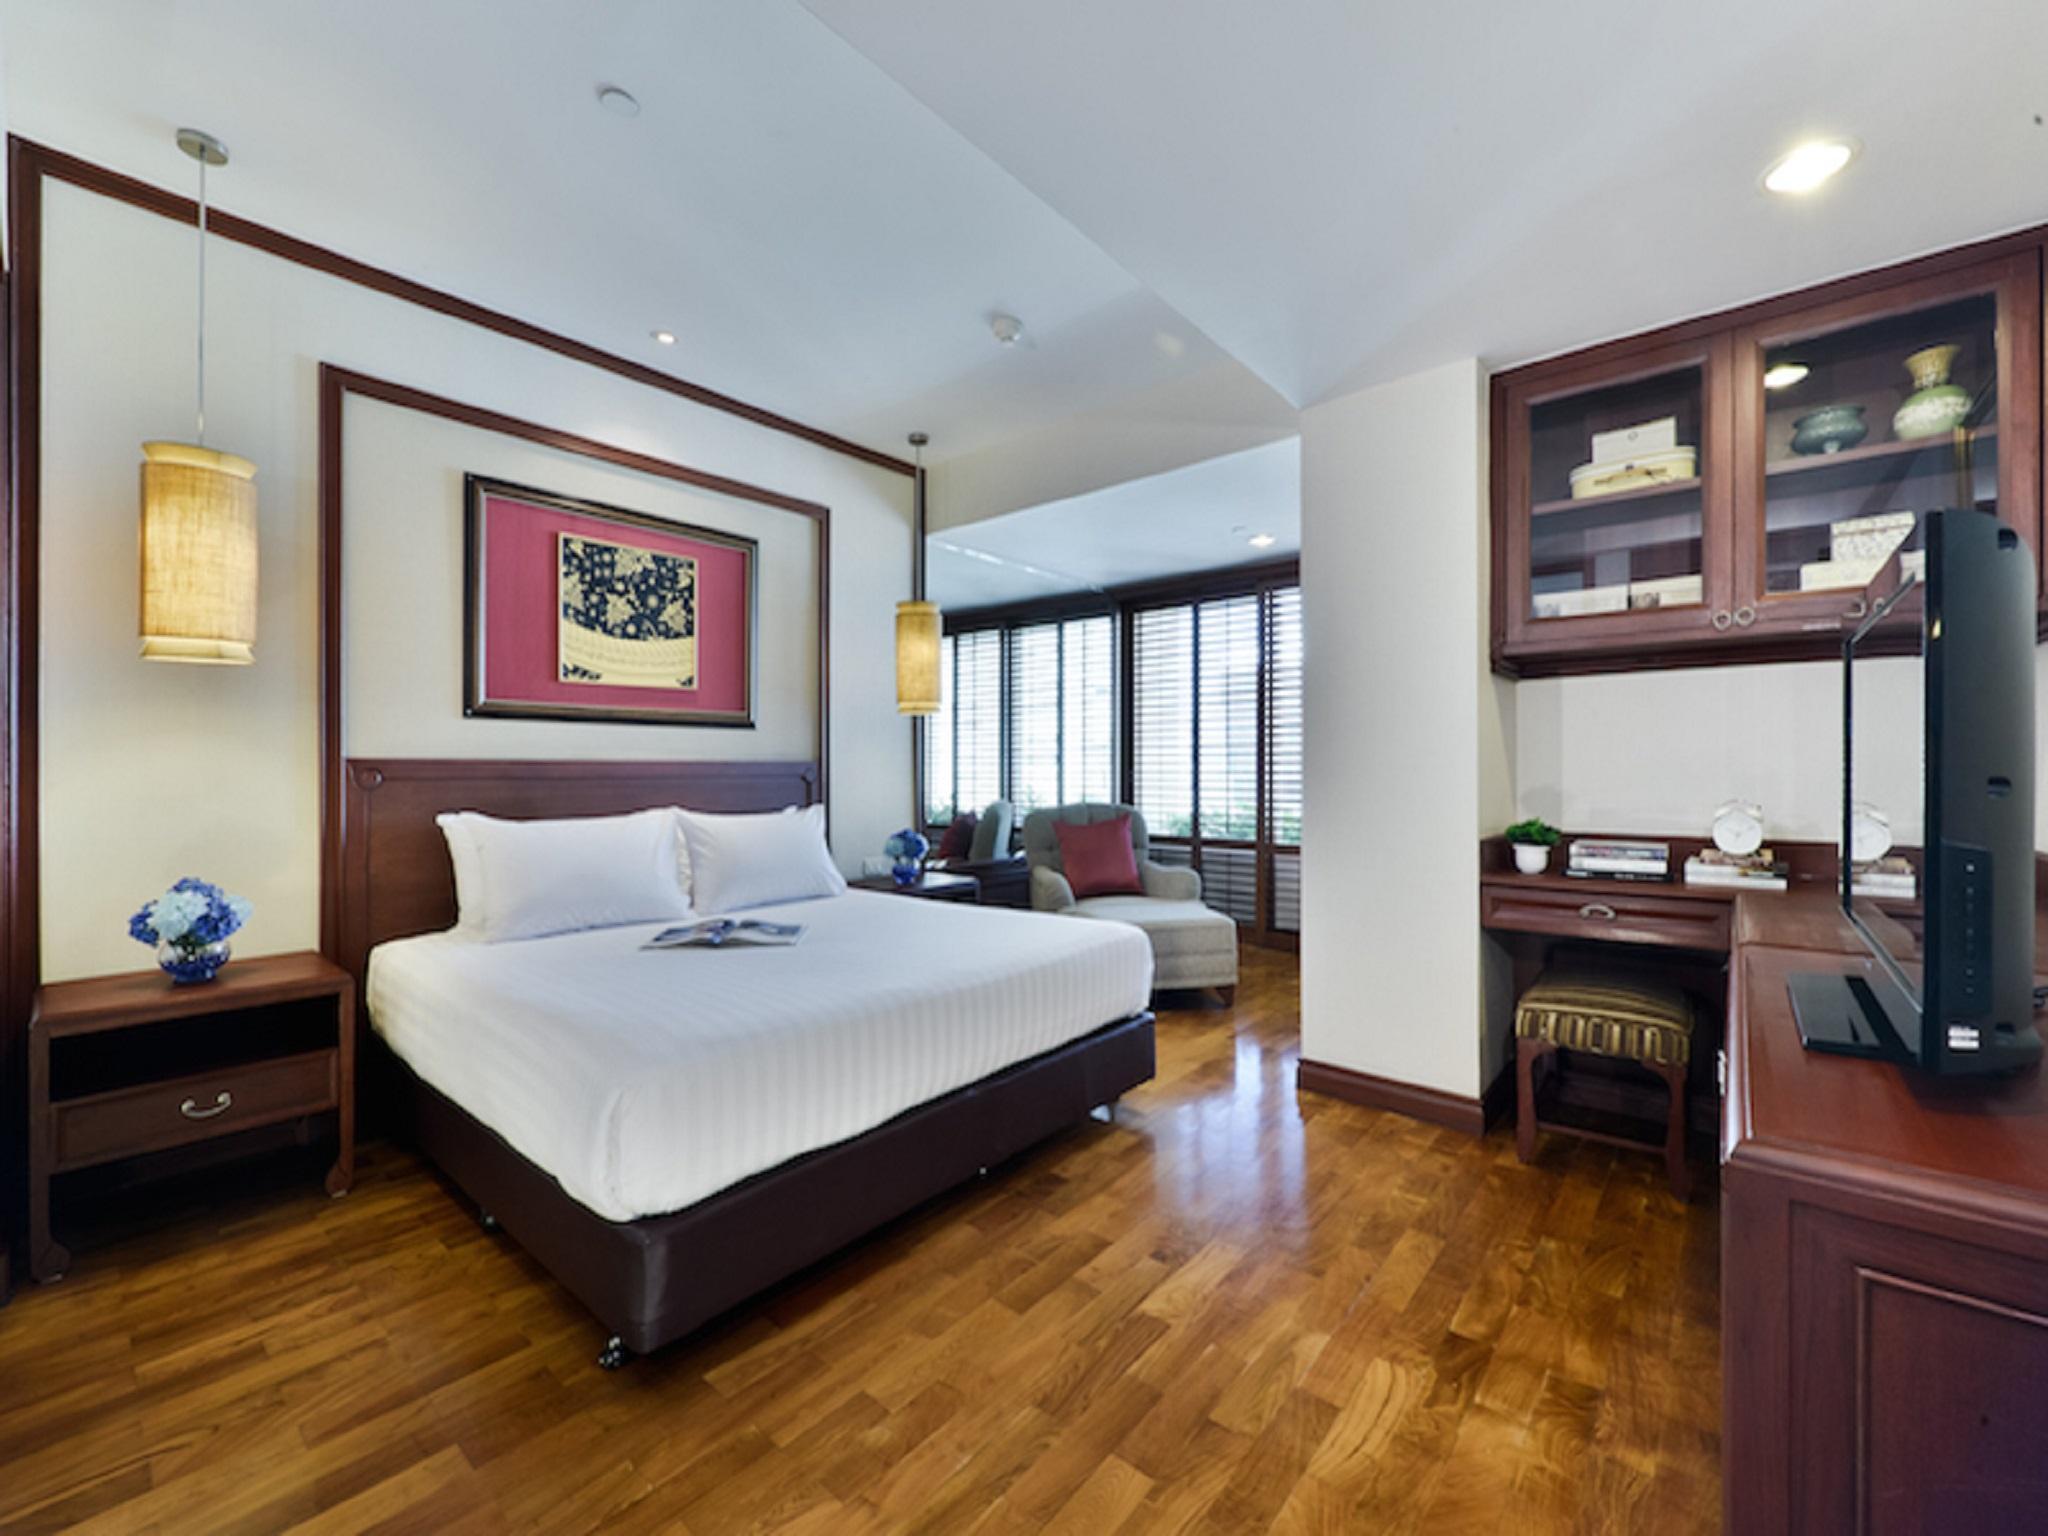 โรงแรมเซ็นเตอร์ พอยต์ สุขุมวิท - ทองหล่อ